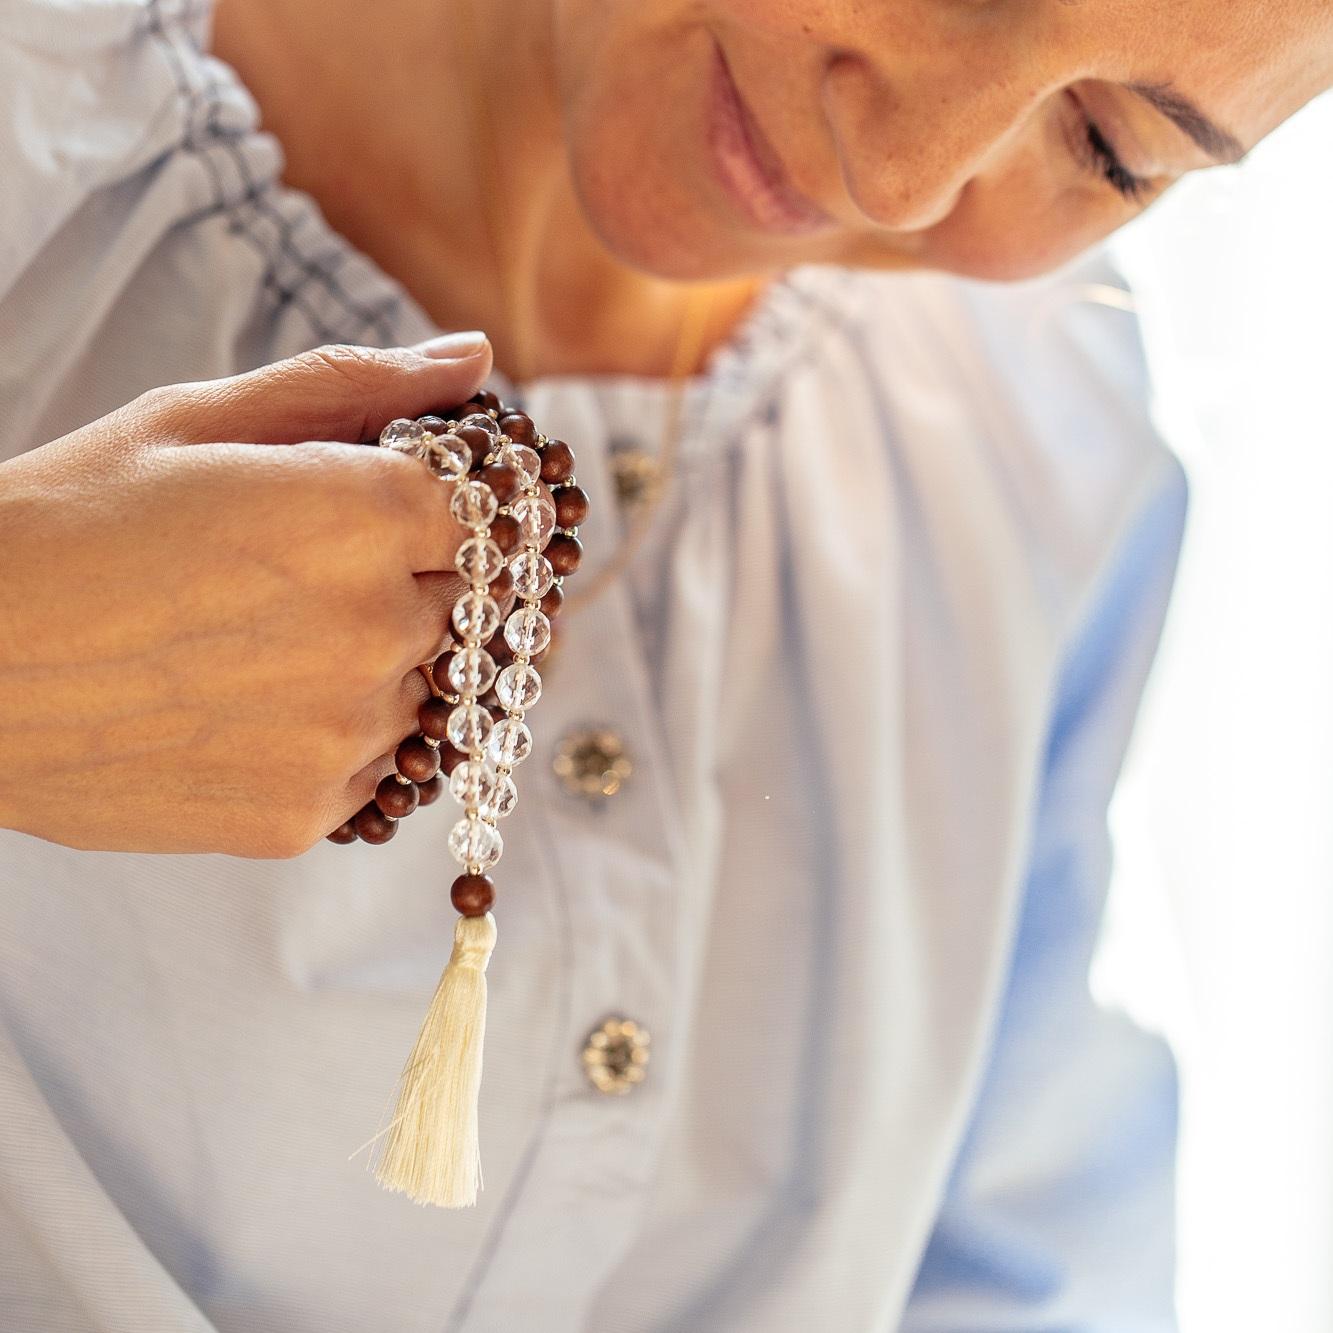 Le Mala provient des terres indiennes il y a plus de trois millénaires avant notre ère. - Objet cultuel appartenant aux traditions bouddhiste et hindouiste, ce talisman nous accompagne à la pratique méditative et au yoga.